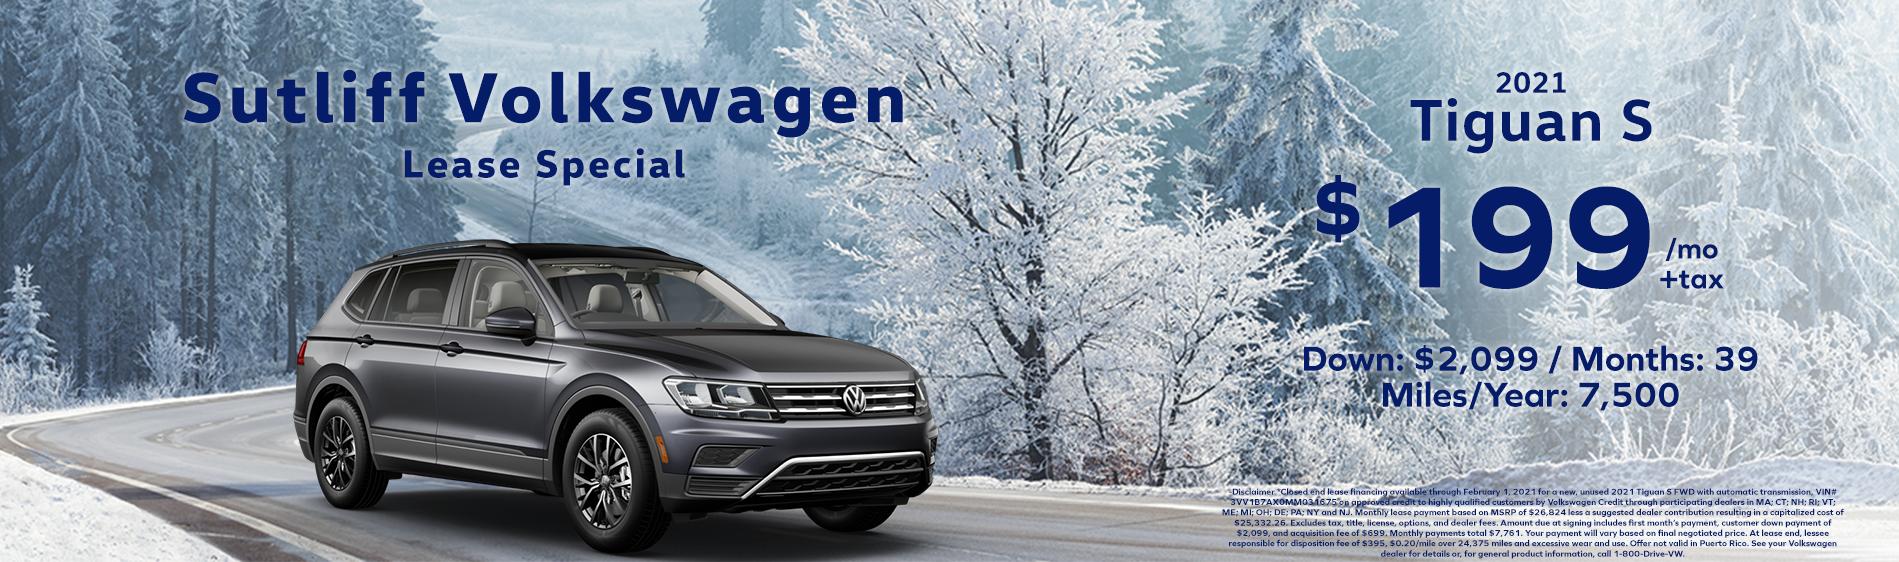 Sutliff VW_Tiguan Lease Special_Jan 2021